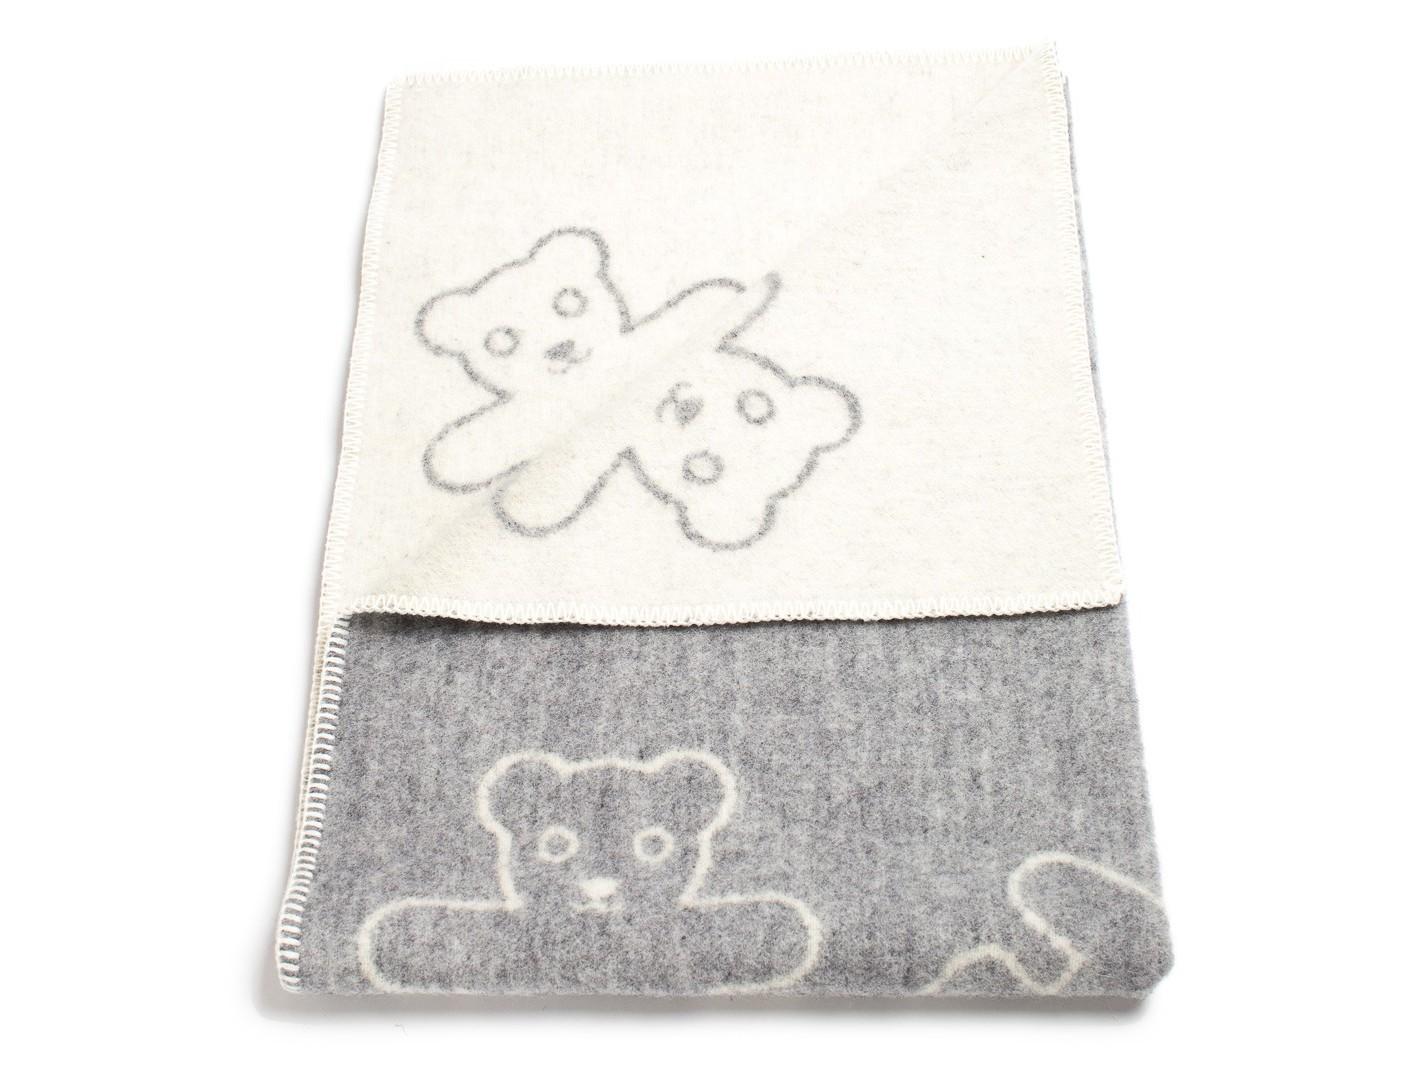 Плед Teddy GreyШерстяные пледы<br>Уютный детский плед с рисунком &amp;quot;Мишки&amp;quot;. Одна сторона - серая, вторая - кремовая. Теплое, натуральное шерстяное одеяло для Вашего малыша!<br><br>Material: Шерсть<br>Ширина см: 130.0<br>Глубина см: 90.0